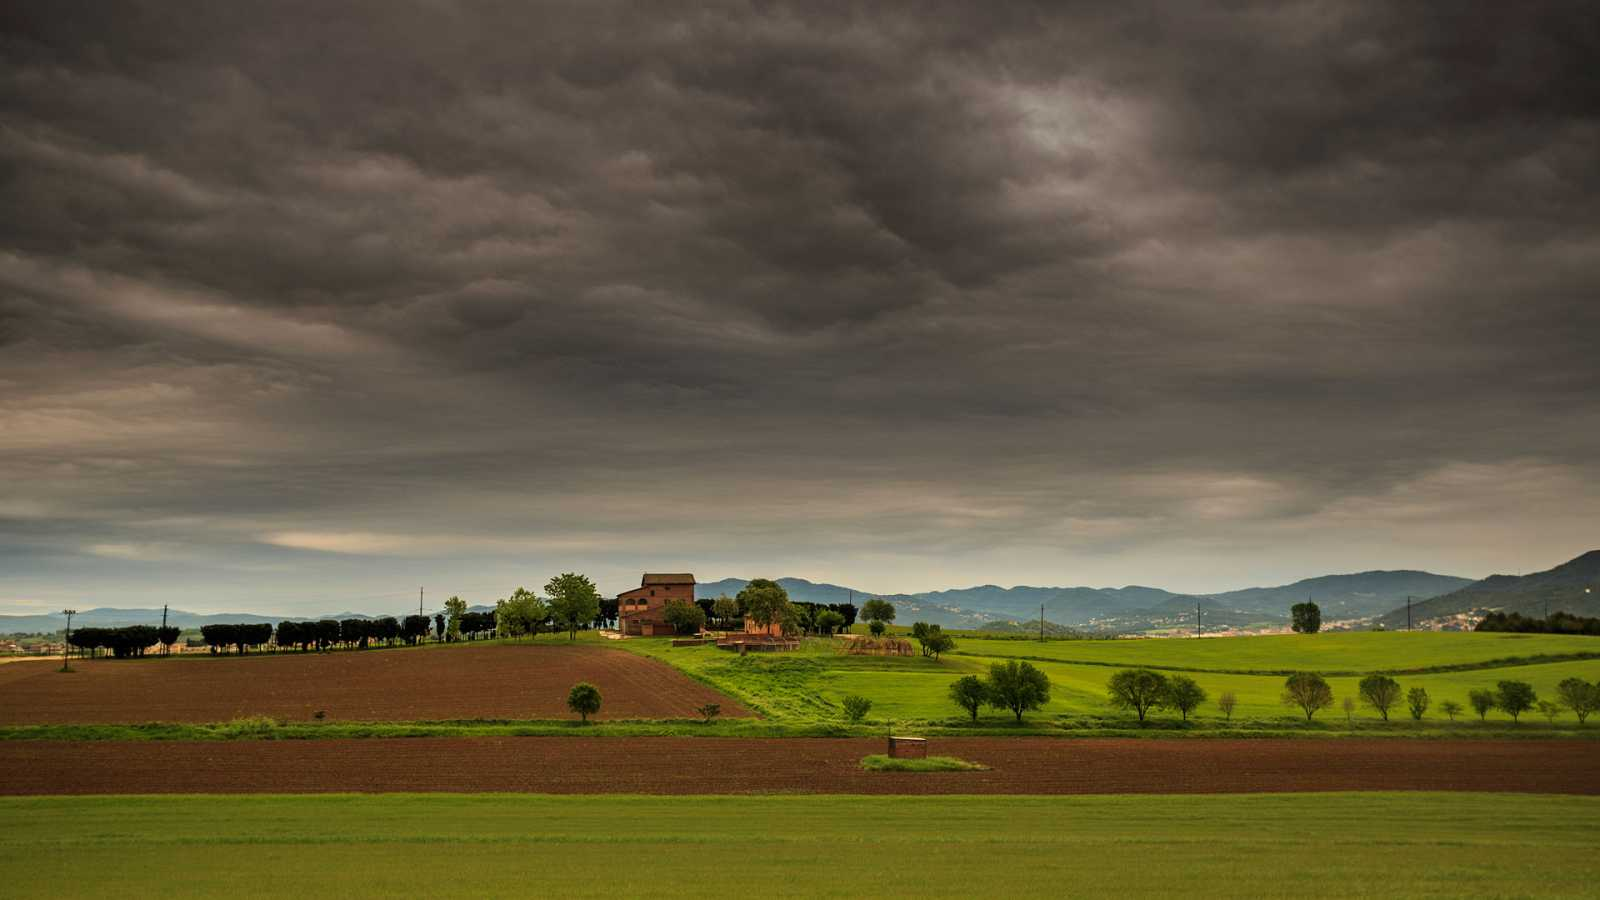 Probabilidad de chubascos localmente fuertes en Cataluña e interior de la Comunidad Valenciana - Ver ahora